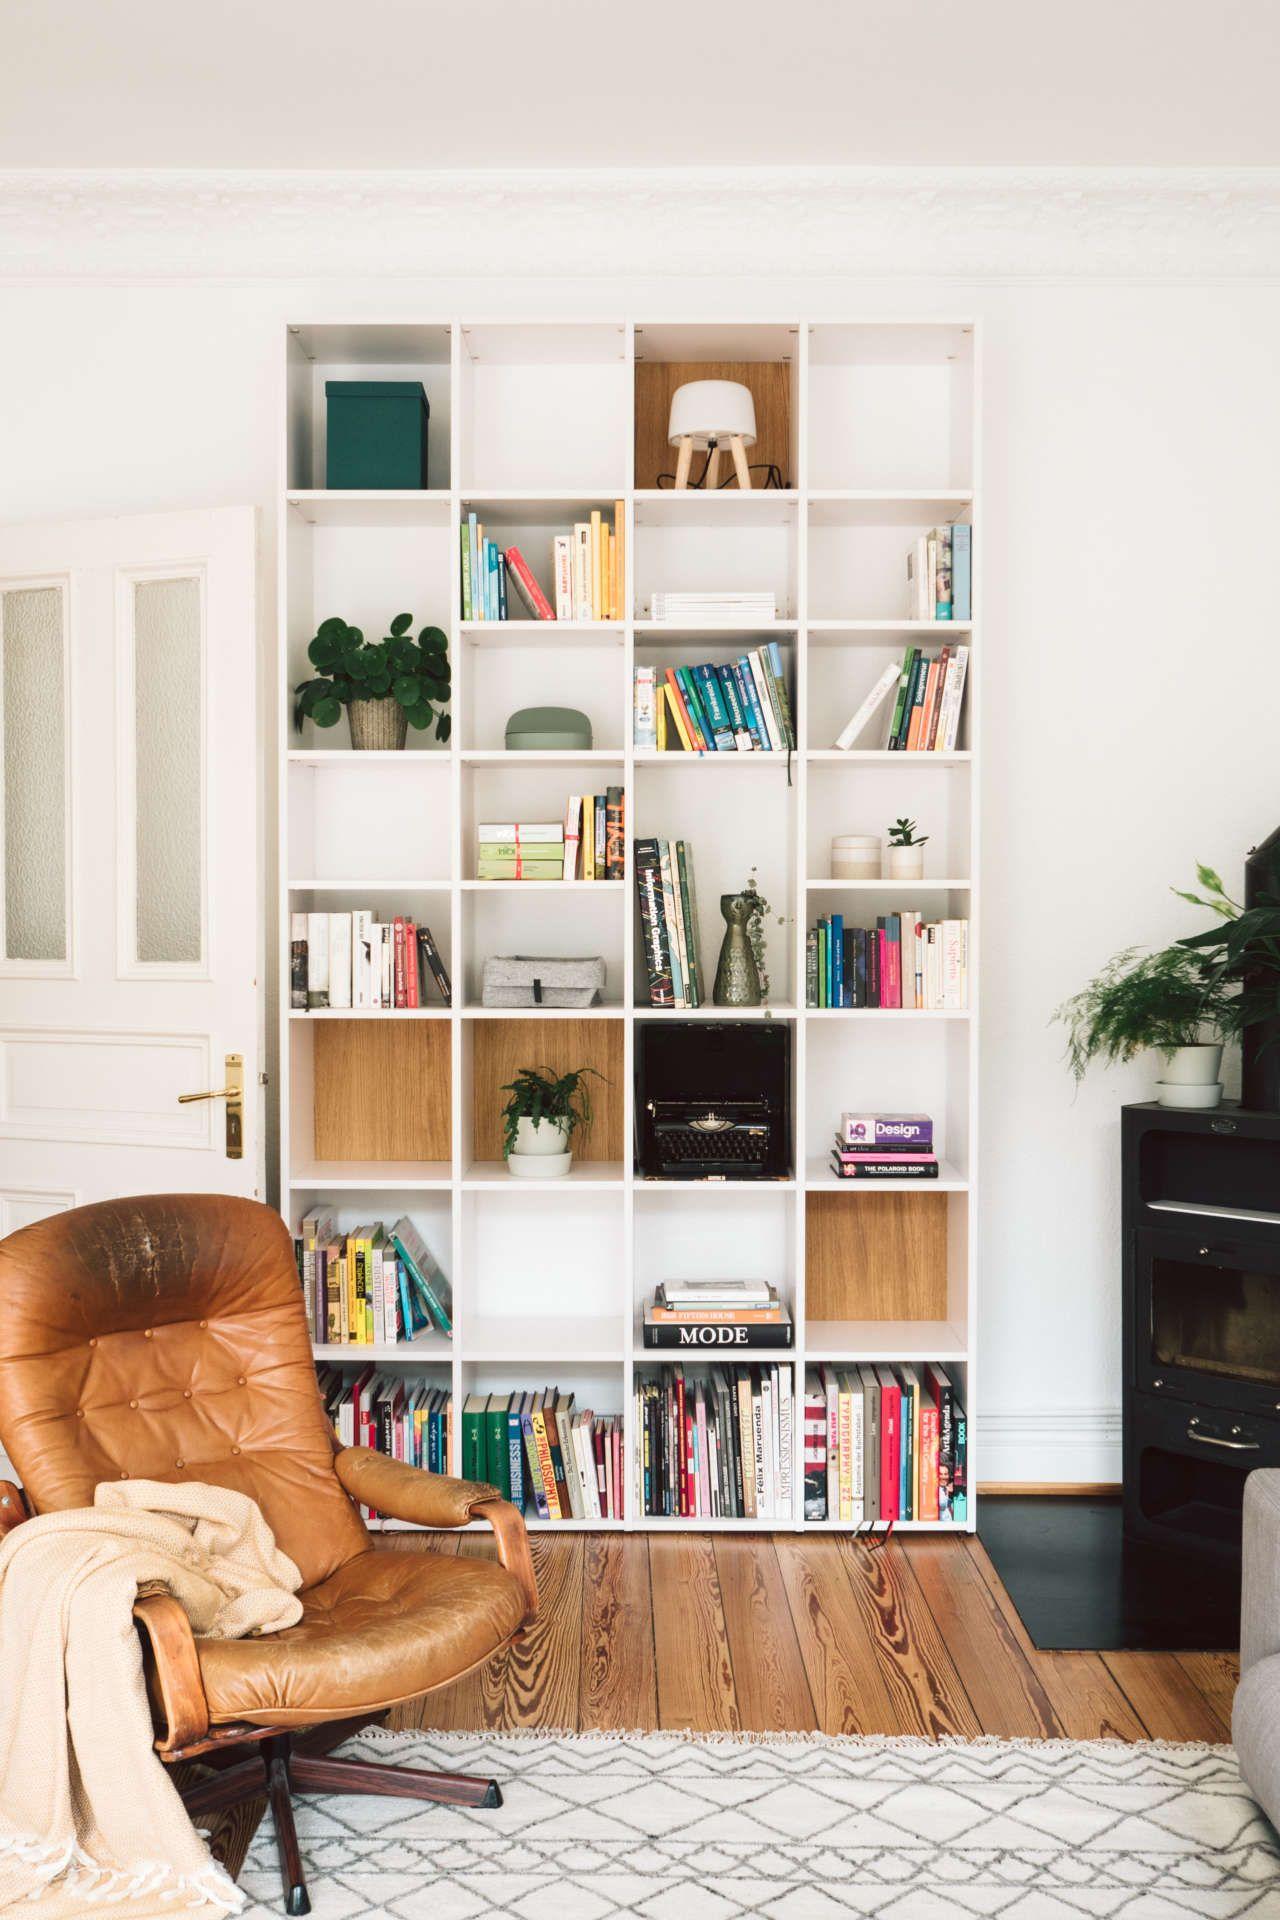 Wohnzimmer Update Mein Traum Von Bücherregal Coole Raumgestaltung Wohnzimmer Regal Musikzimmer Ideen